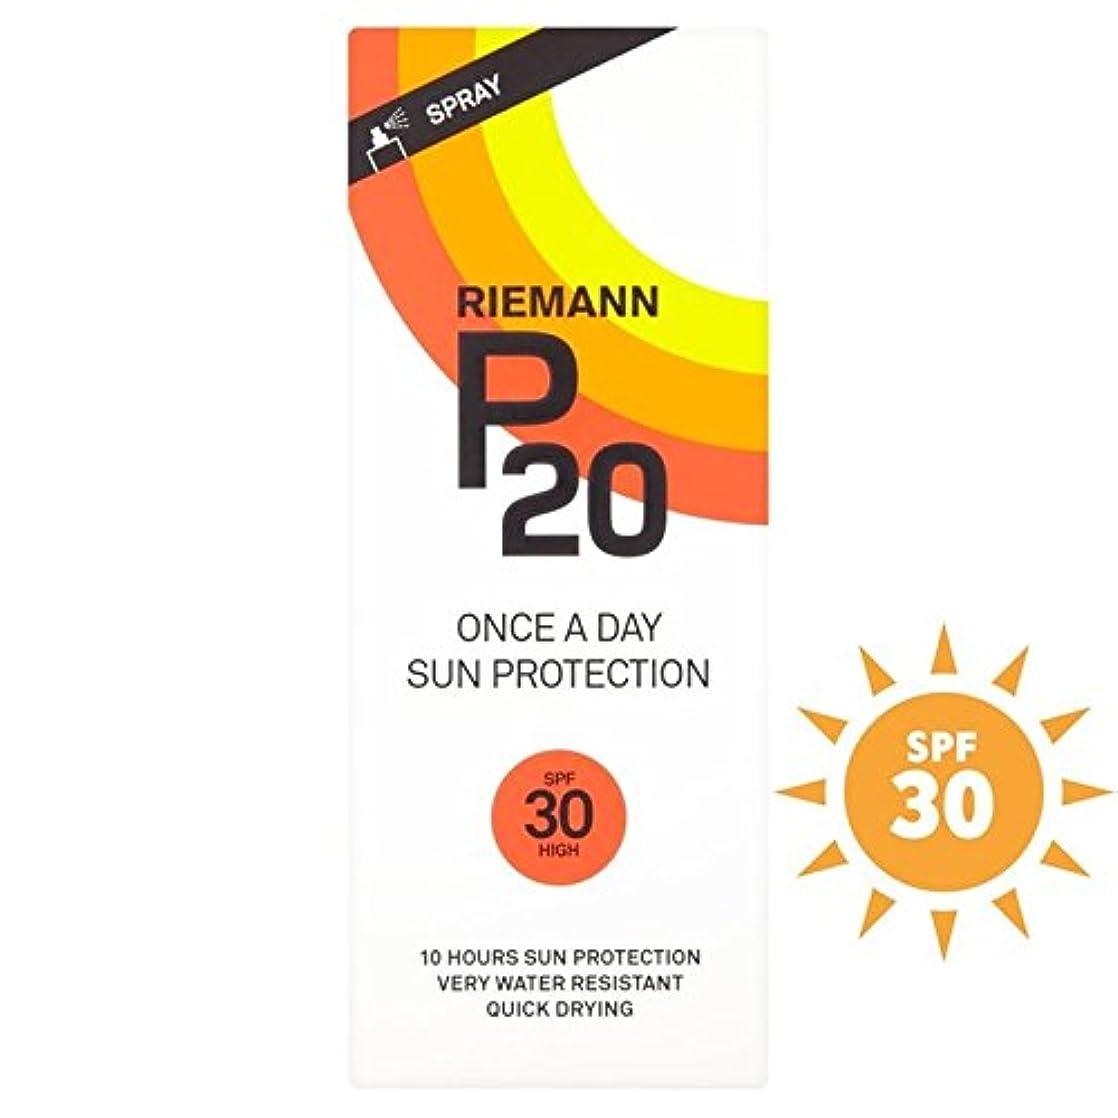 独裁者狭い命令リーマン20 30 1日/ 10時間の保護200ミリリットル x4 - Riemann P20 SPF30 1 Day/10 Hour Protection 200ml (Pack of 4) [並行輸入品]